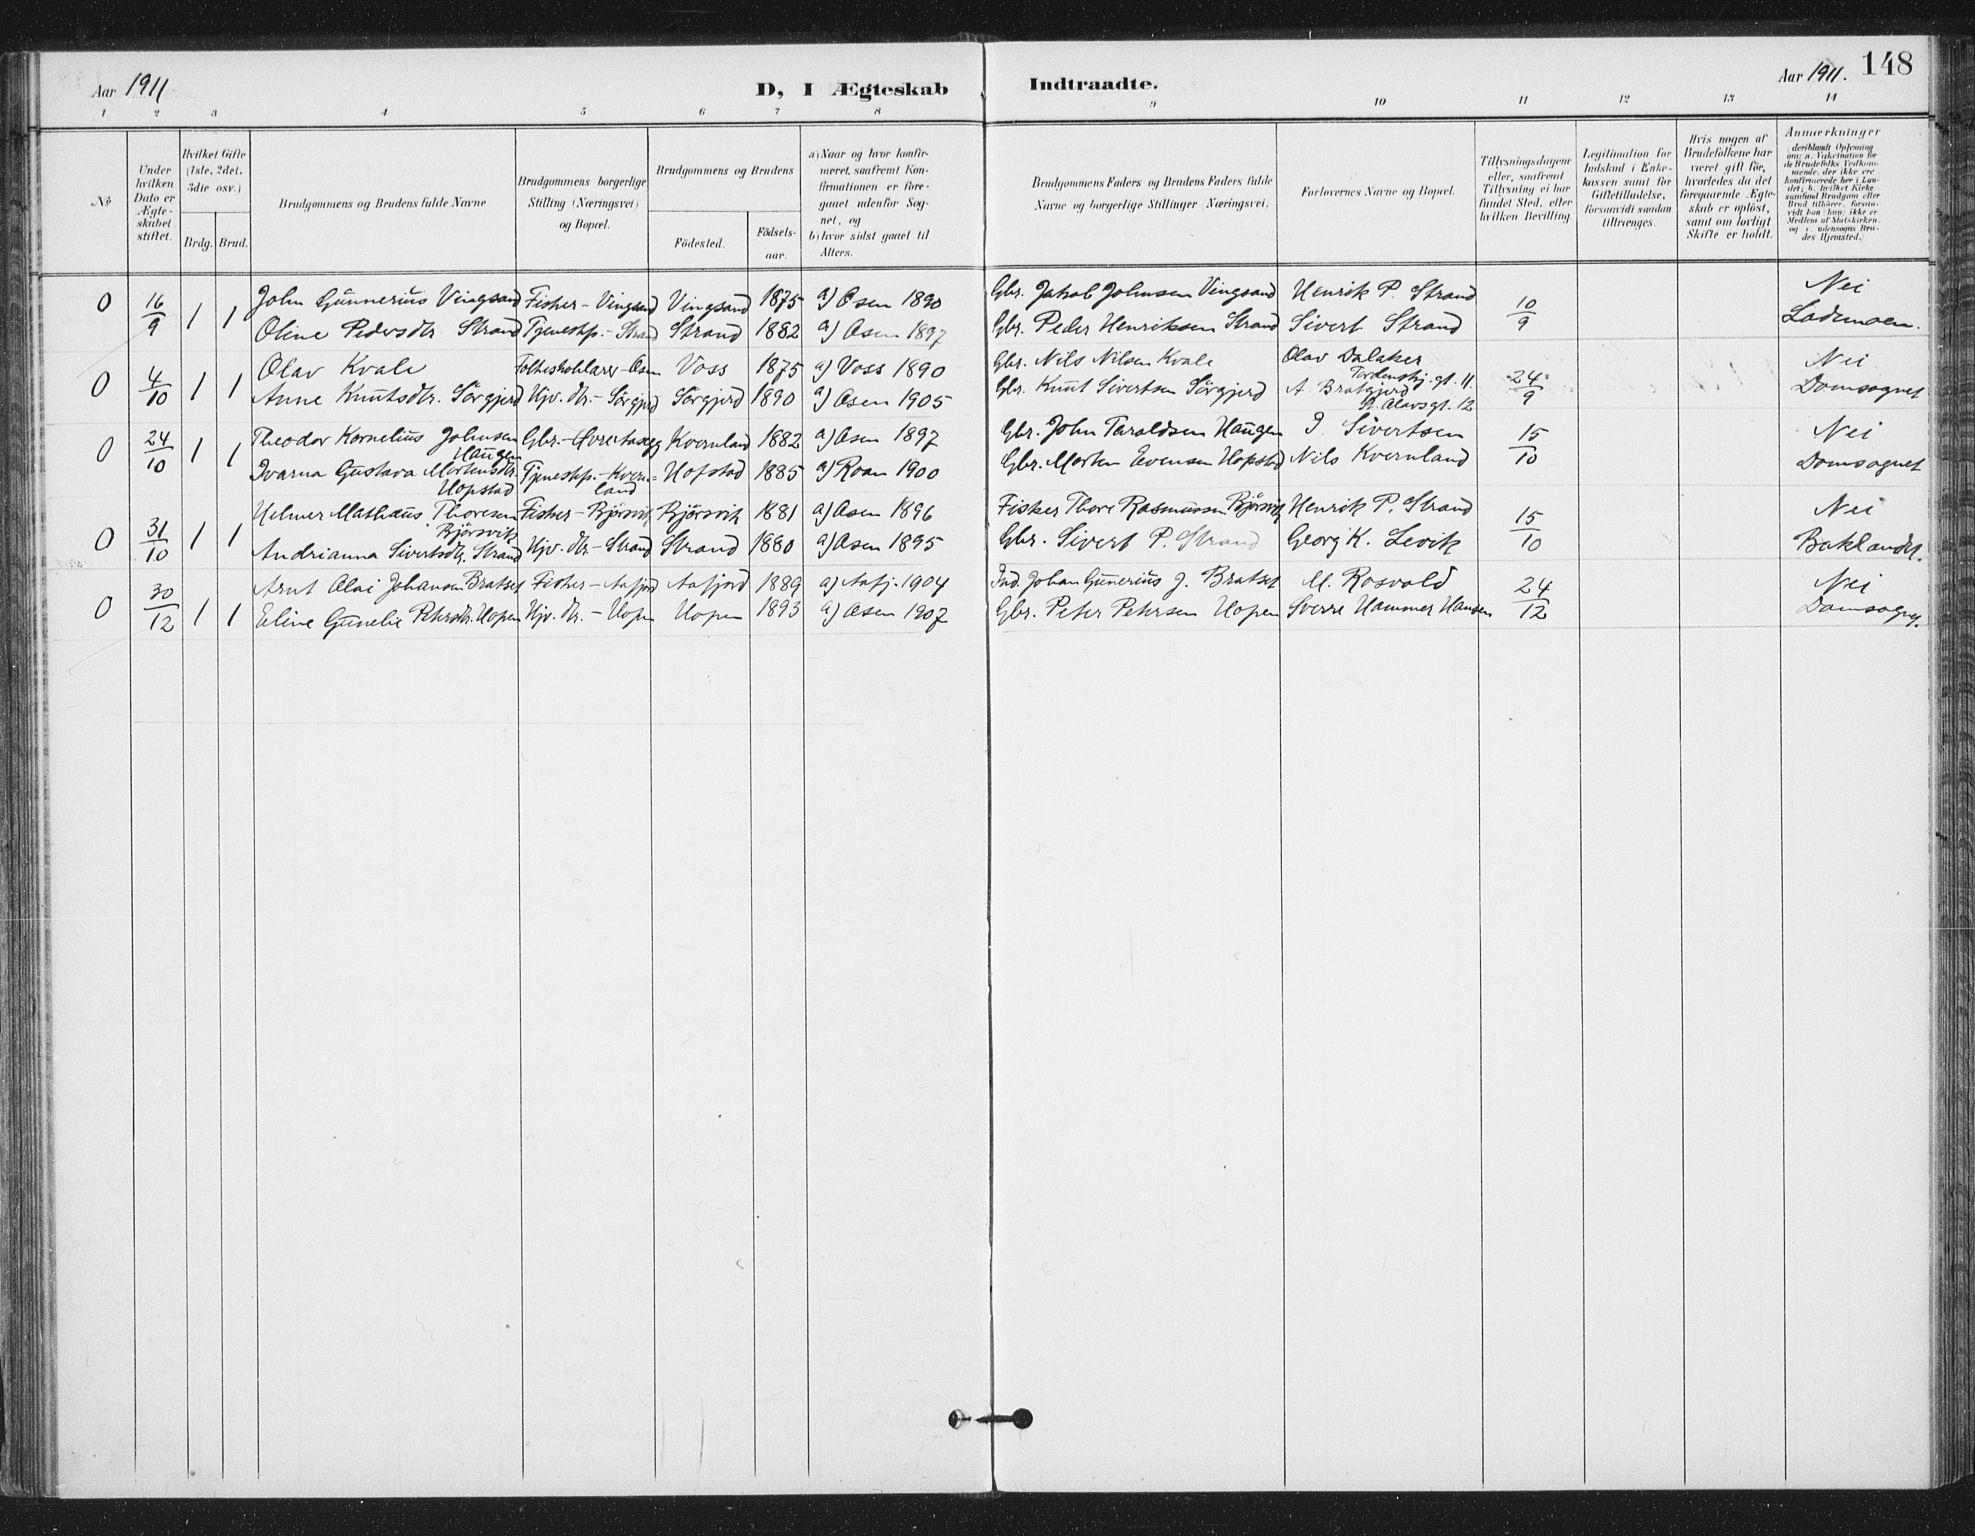 SAT, Ministerialprotokoller, klokkerbøker og fødselsregistre - Sør-Trøndelag, 658/L0723: Ministerialbok nr. 658A02, 1897-1912, s. 148